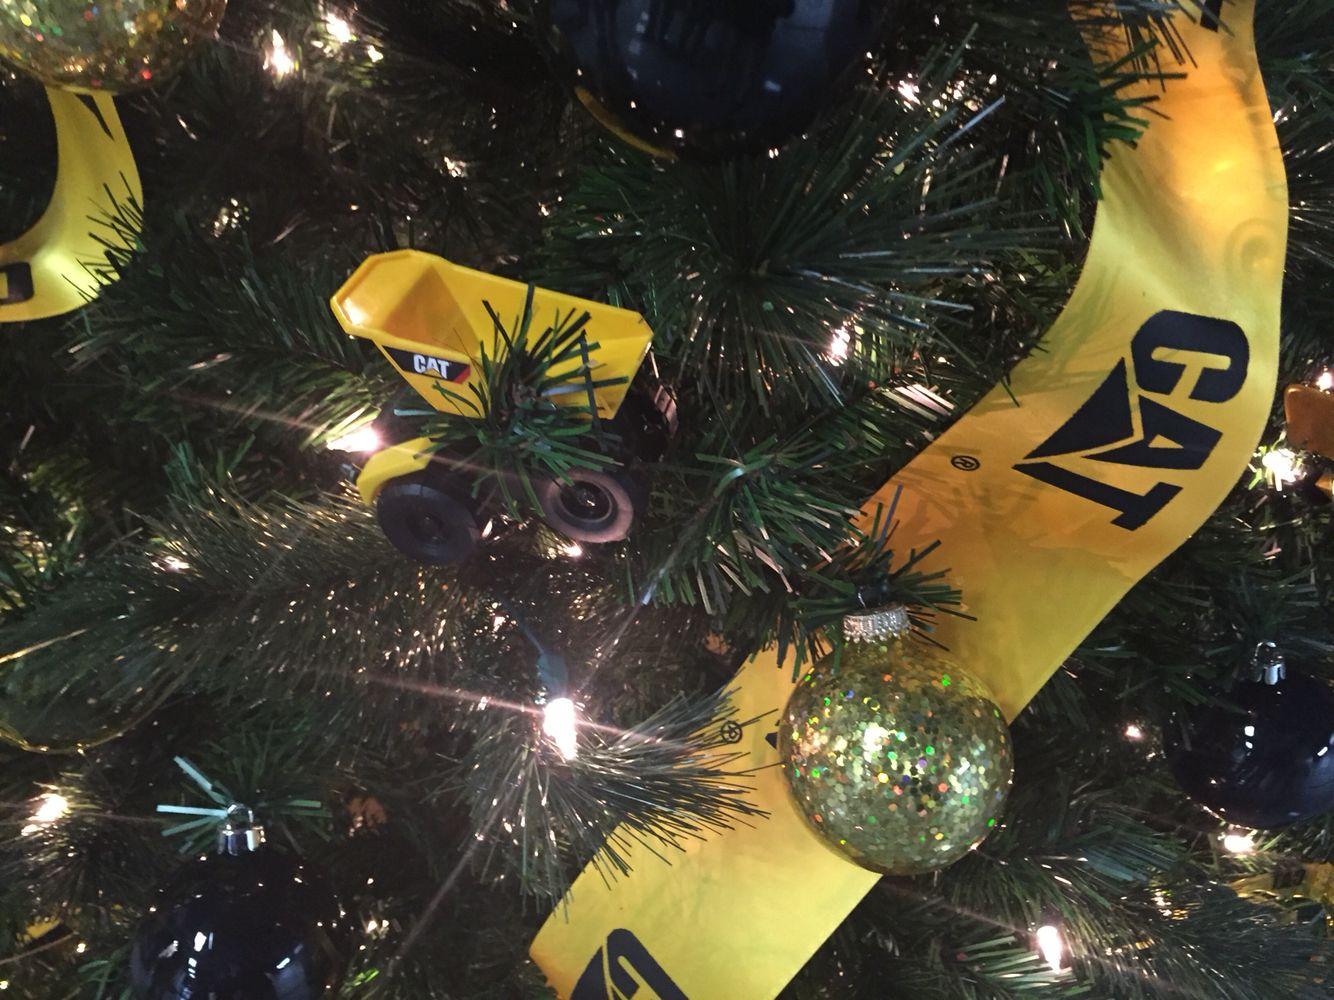 Construction Themed Christmas Tree At Caterpillar Nlr Christmas Tree Themes Christmas Ornaments Christmas Bulbs